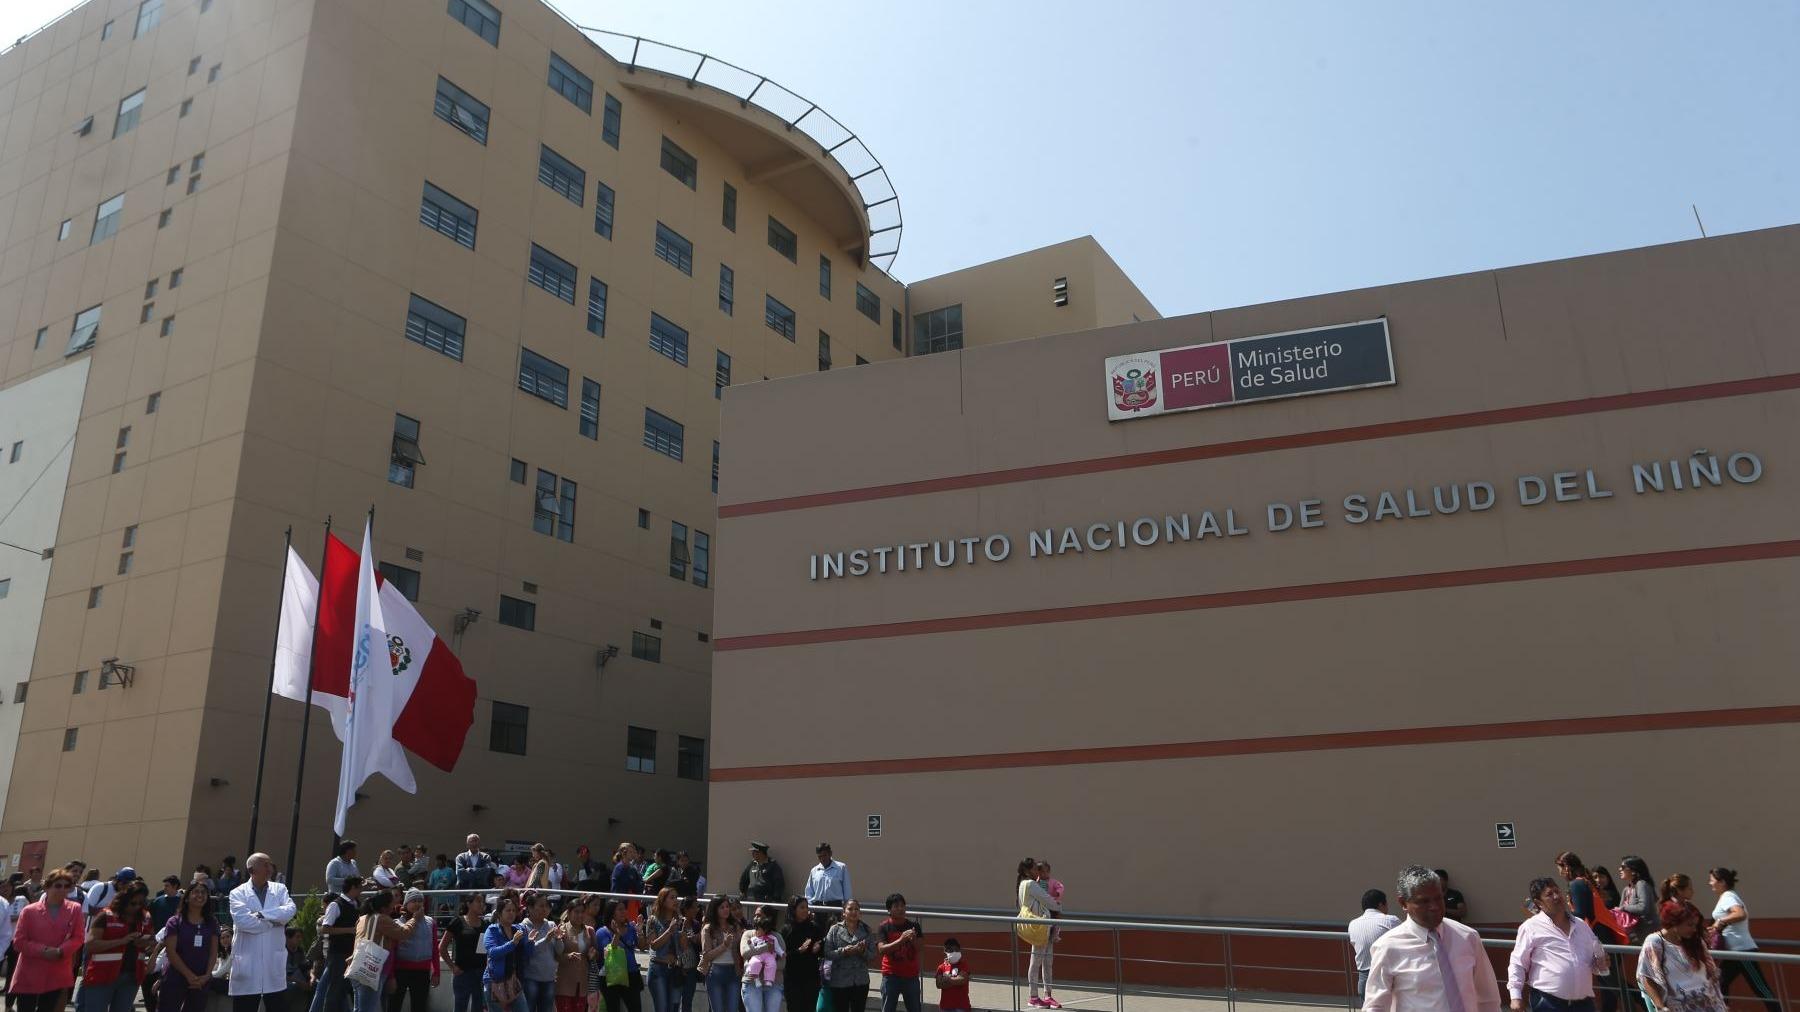 La Doctora Zulema Tomas, Directora General del Instituto Nacional de Salud del Niño de San Borja, se comunicó con RPP Noticias para disculparse y aclarar lo sucedido